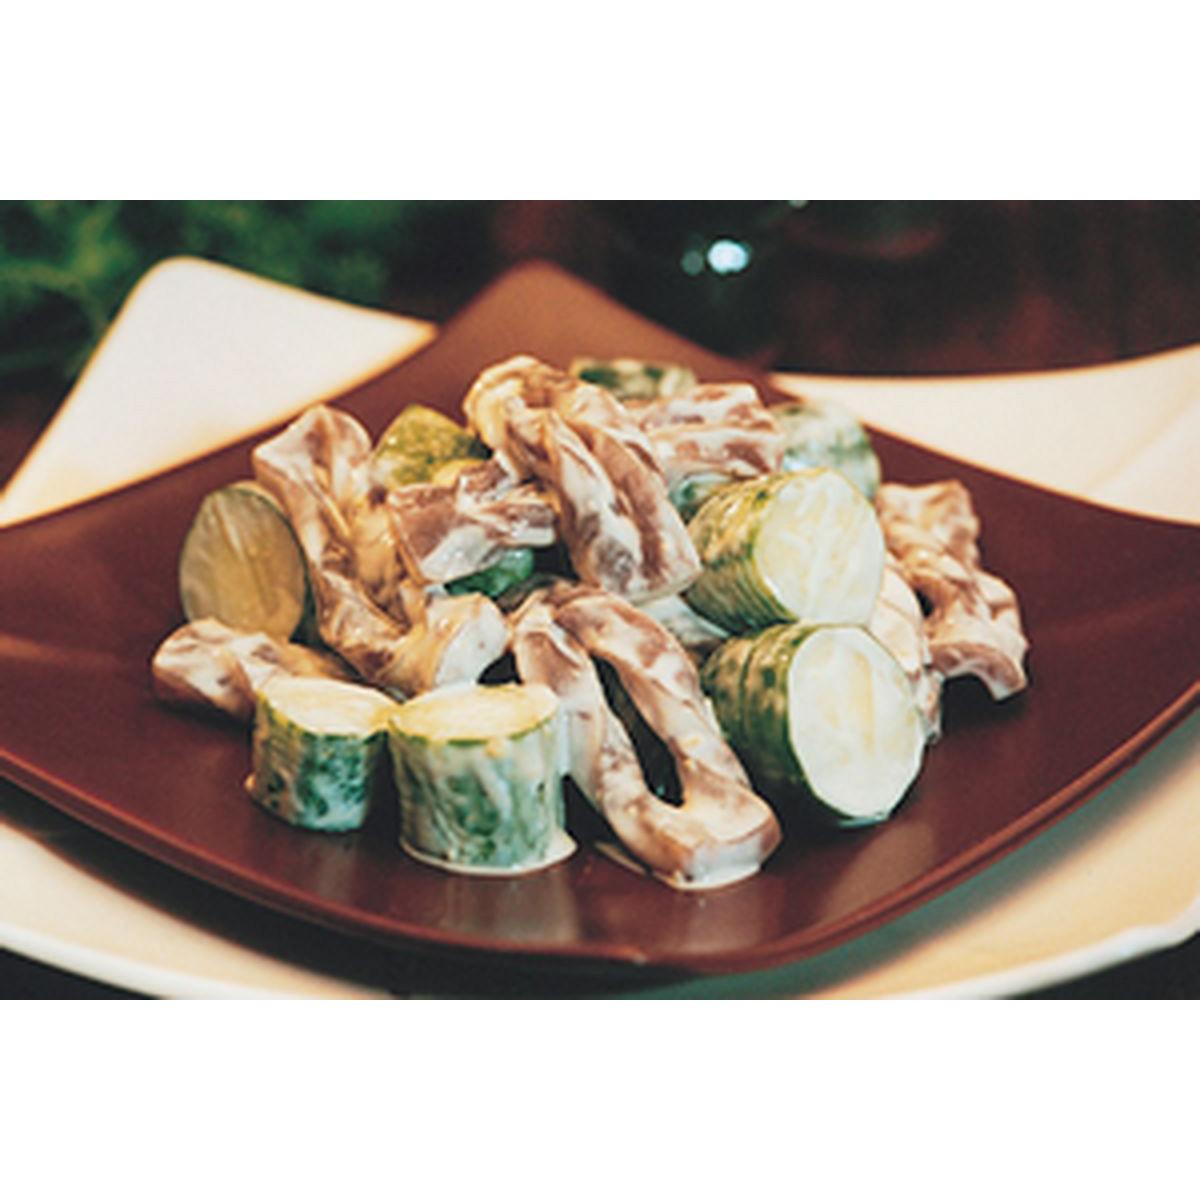 食譜:山葵醬蒟蒻黃瓜